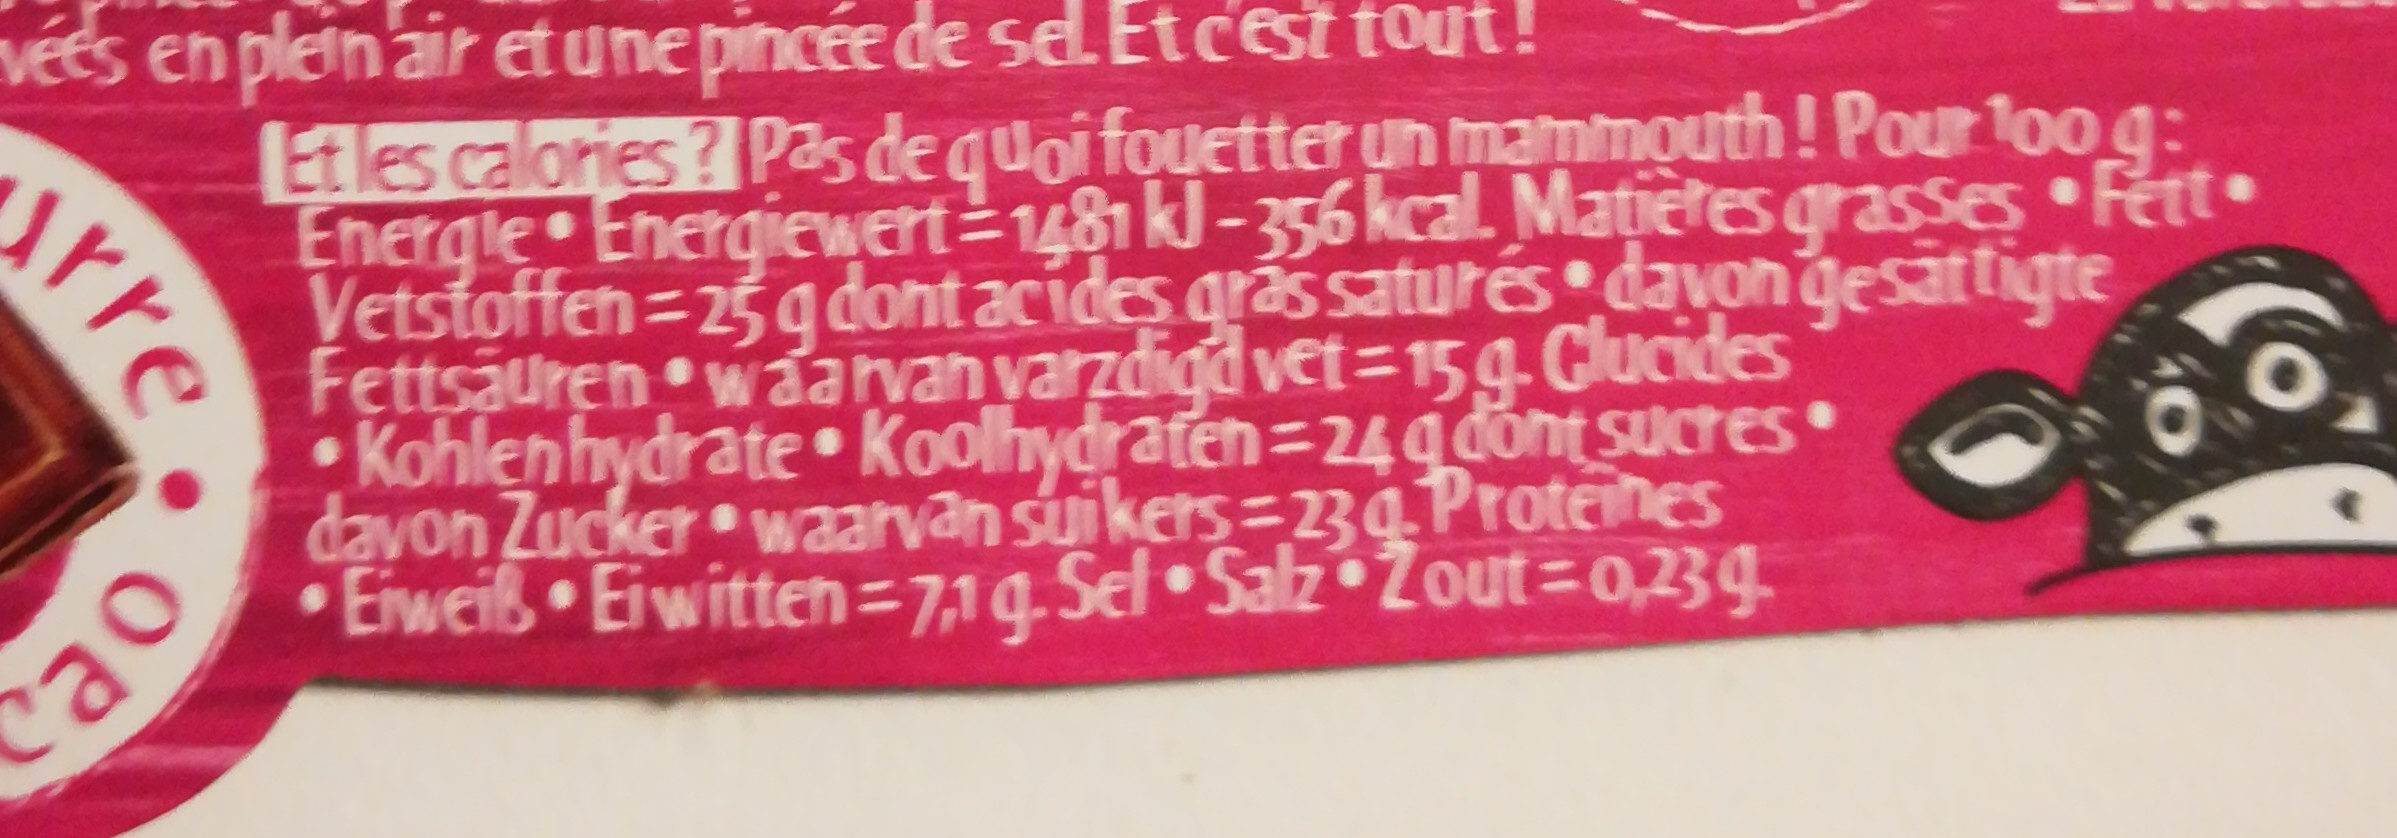 L'incroyable mousse - Chocolat noir - Nutrition facts - fr